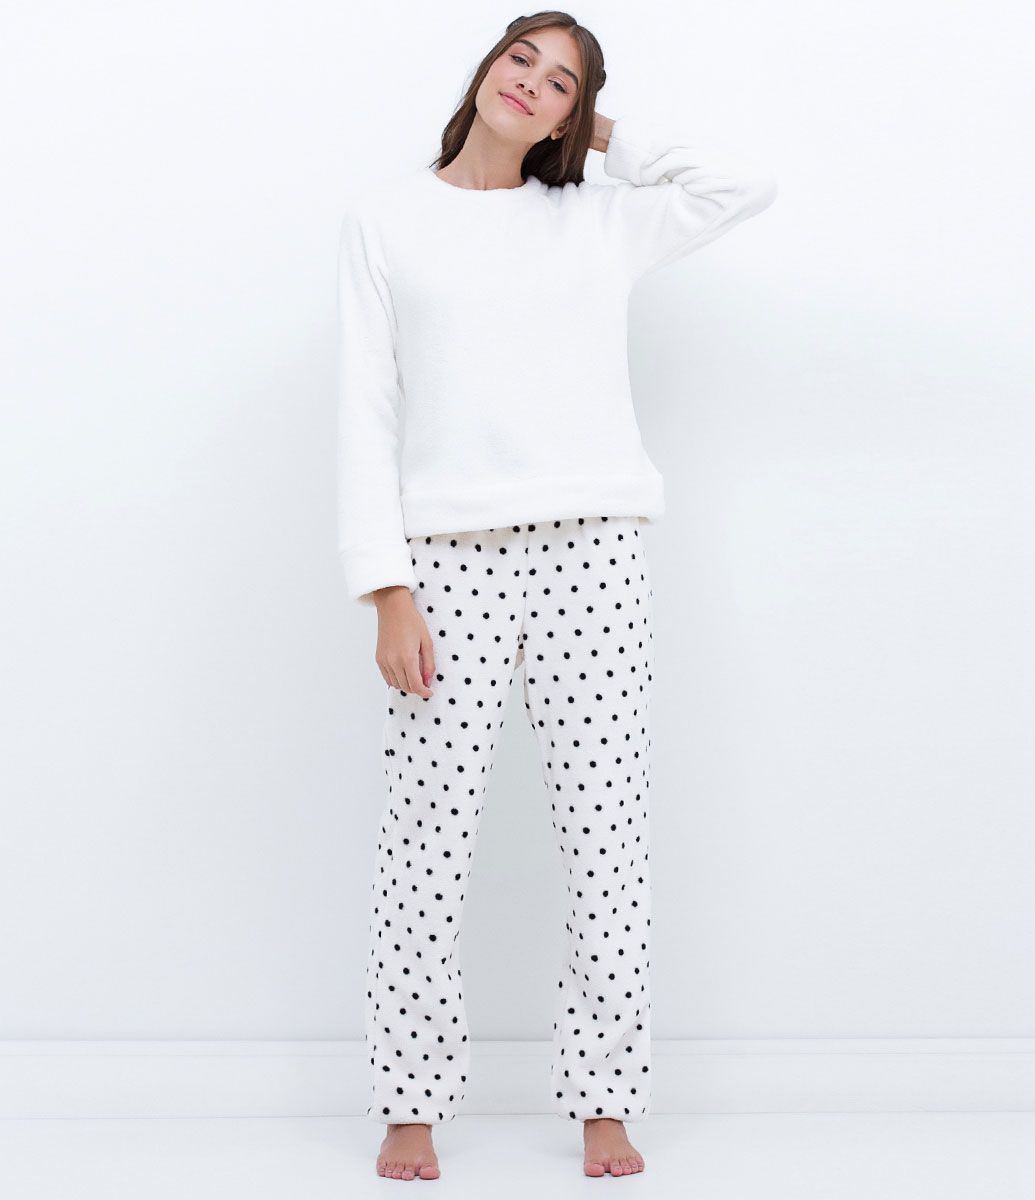 c8c1b14fe Pijama feminino Manga longa Com calça poá Marca  Lov Tecido  fleece Modelo  veste tamanho